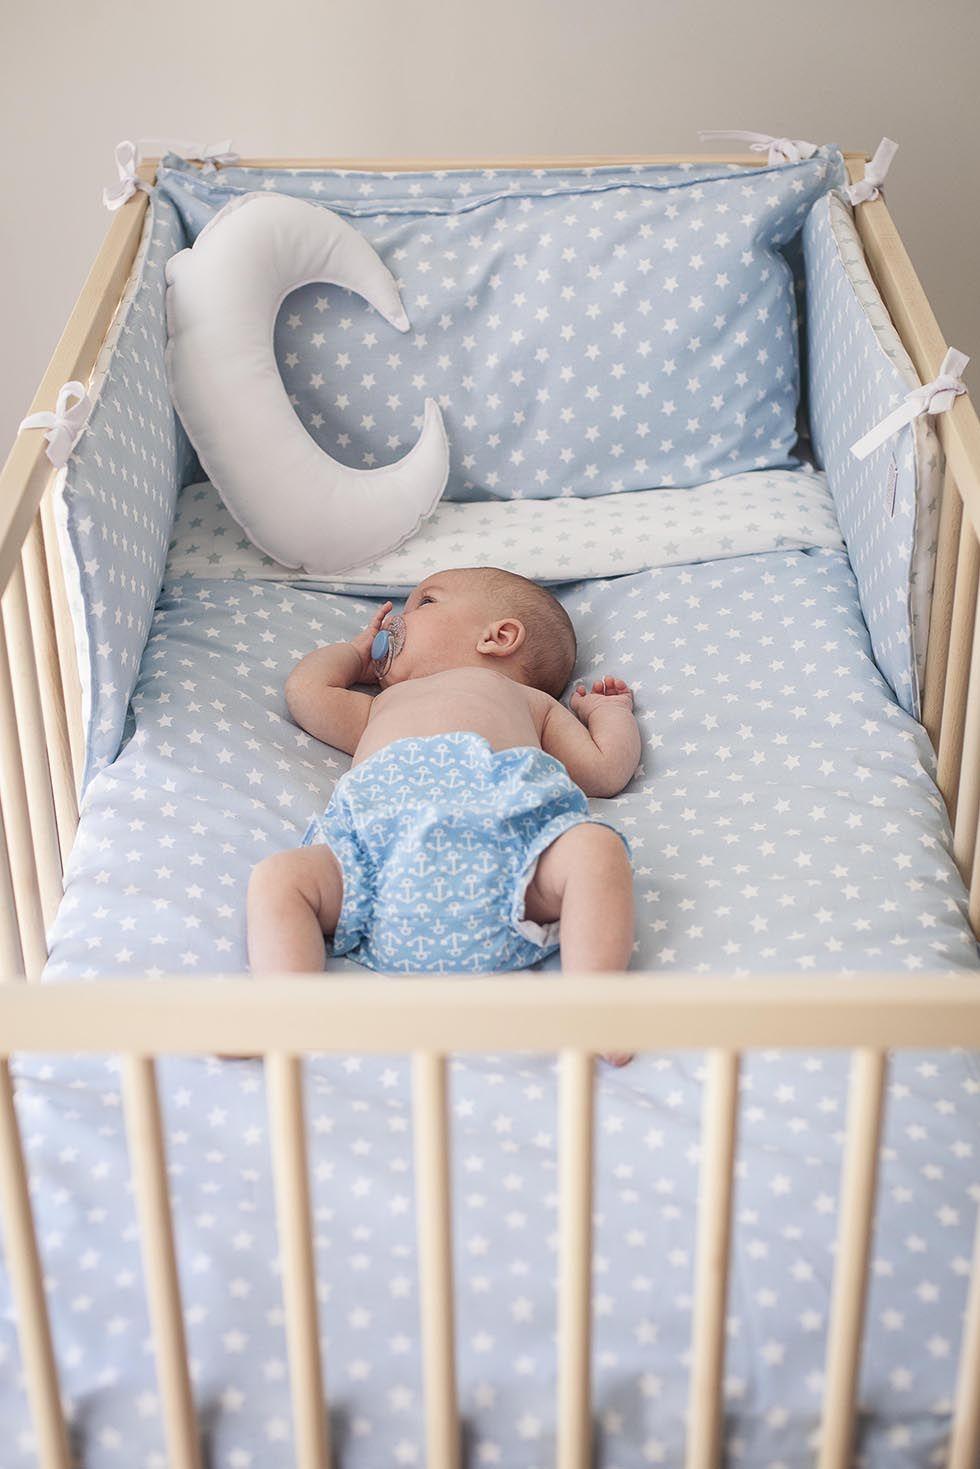 3074c593a37 protector de cuna chichonera cuna ropa de cuna decoración infantil ropa  bebes ropa niños habitaciones de bebes habitaciones niños decoración bebes